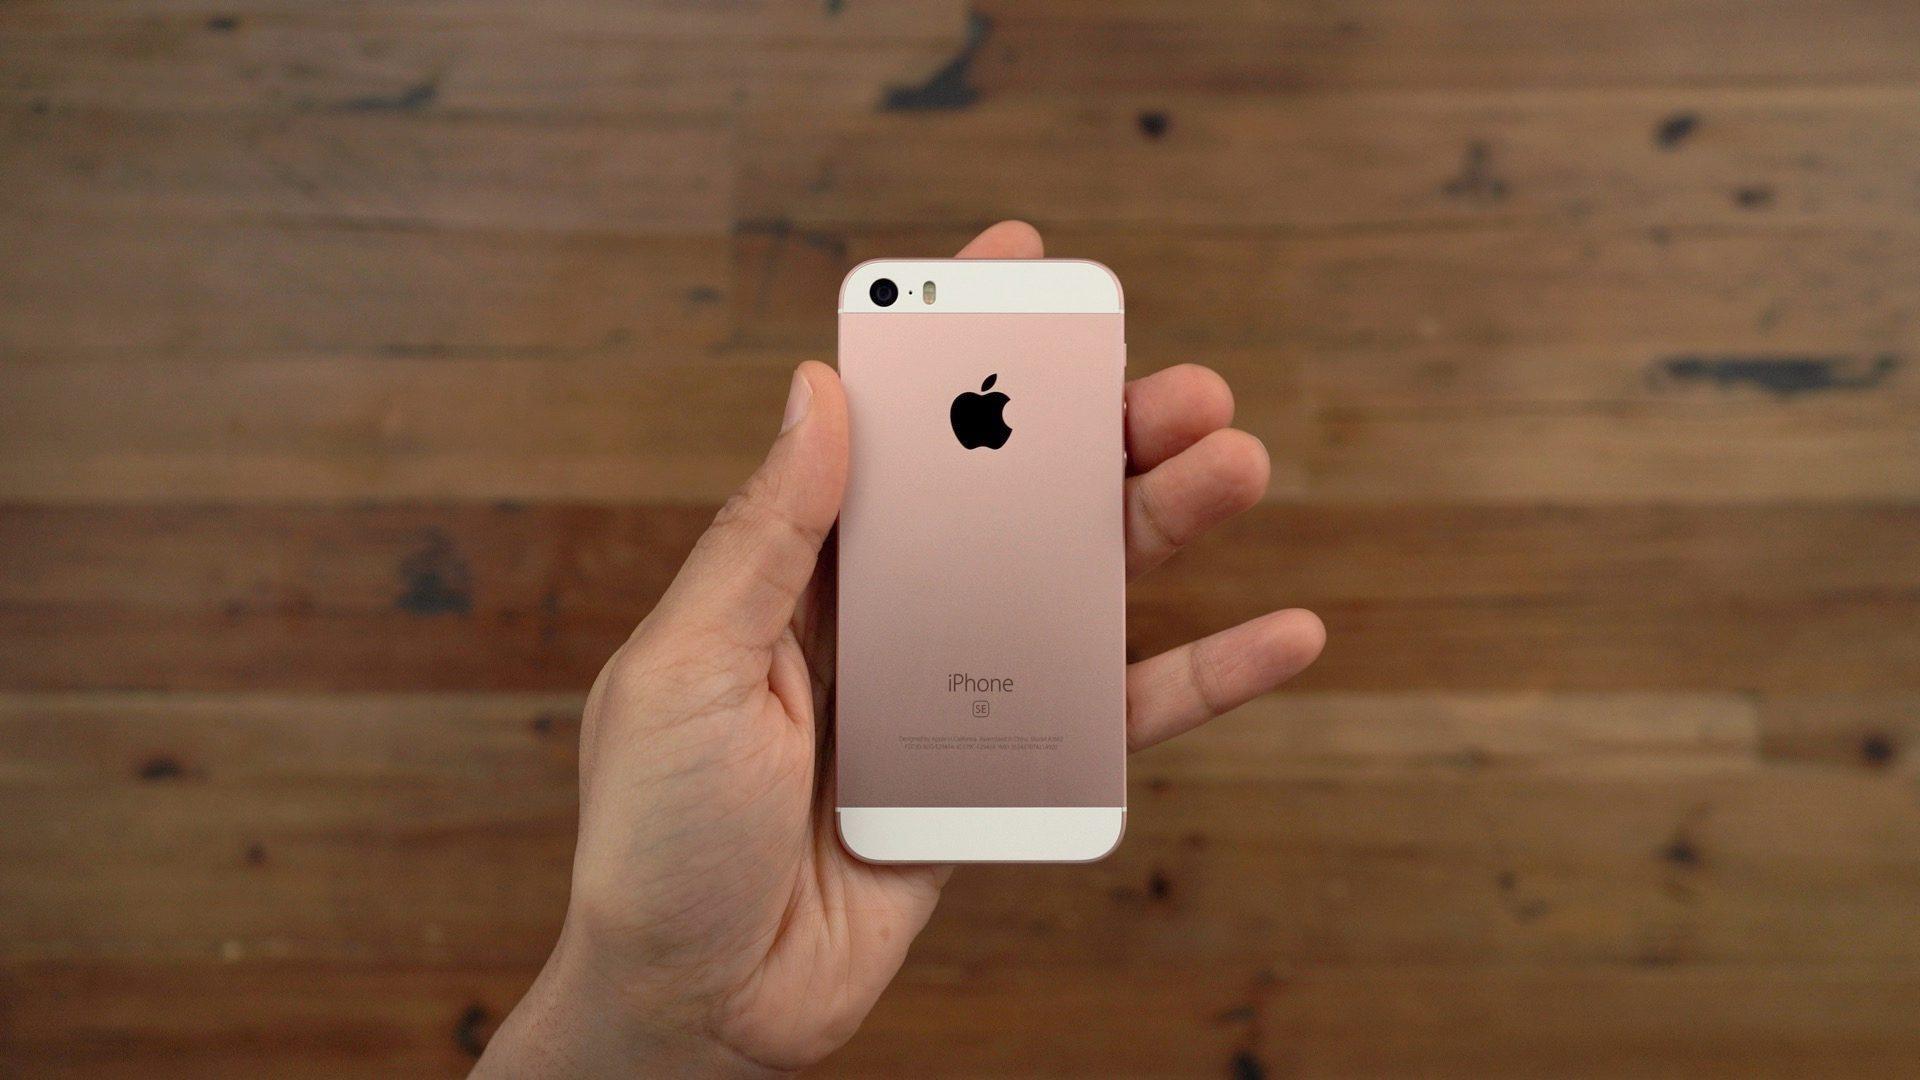 """<span href=""""https://9to5mac.com/2019/01/25/using-iphone-se-2019-video/"""">Revisando el iPhone SE hoy: ¿todavía es un gran teléfono en el 2019? [Video]</a>"""